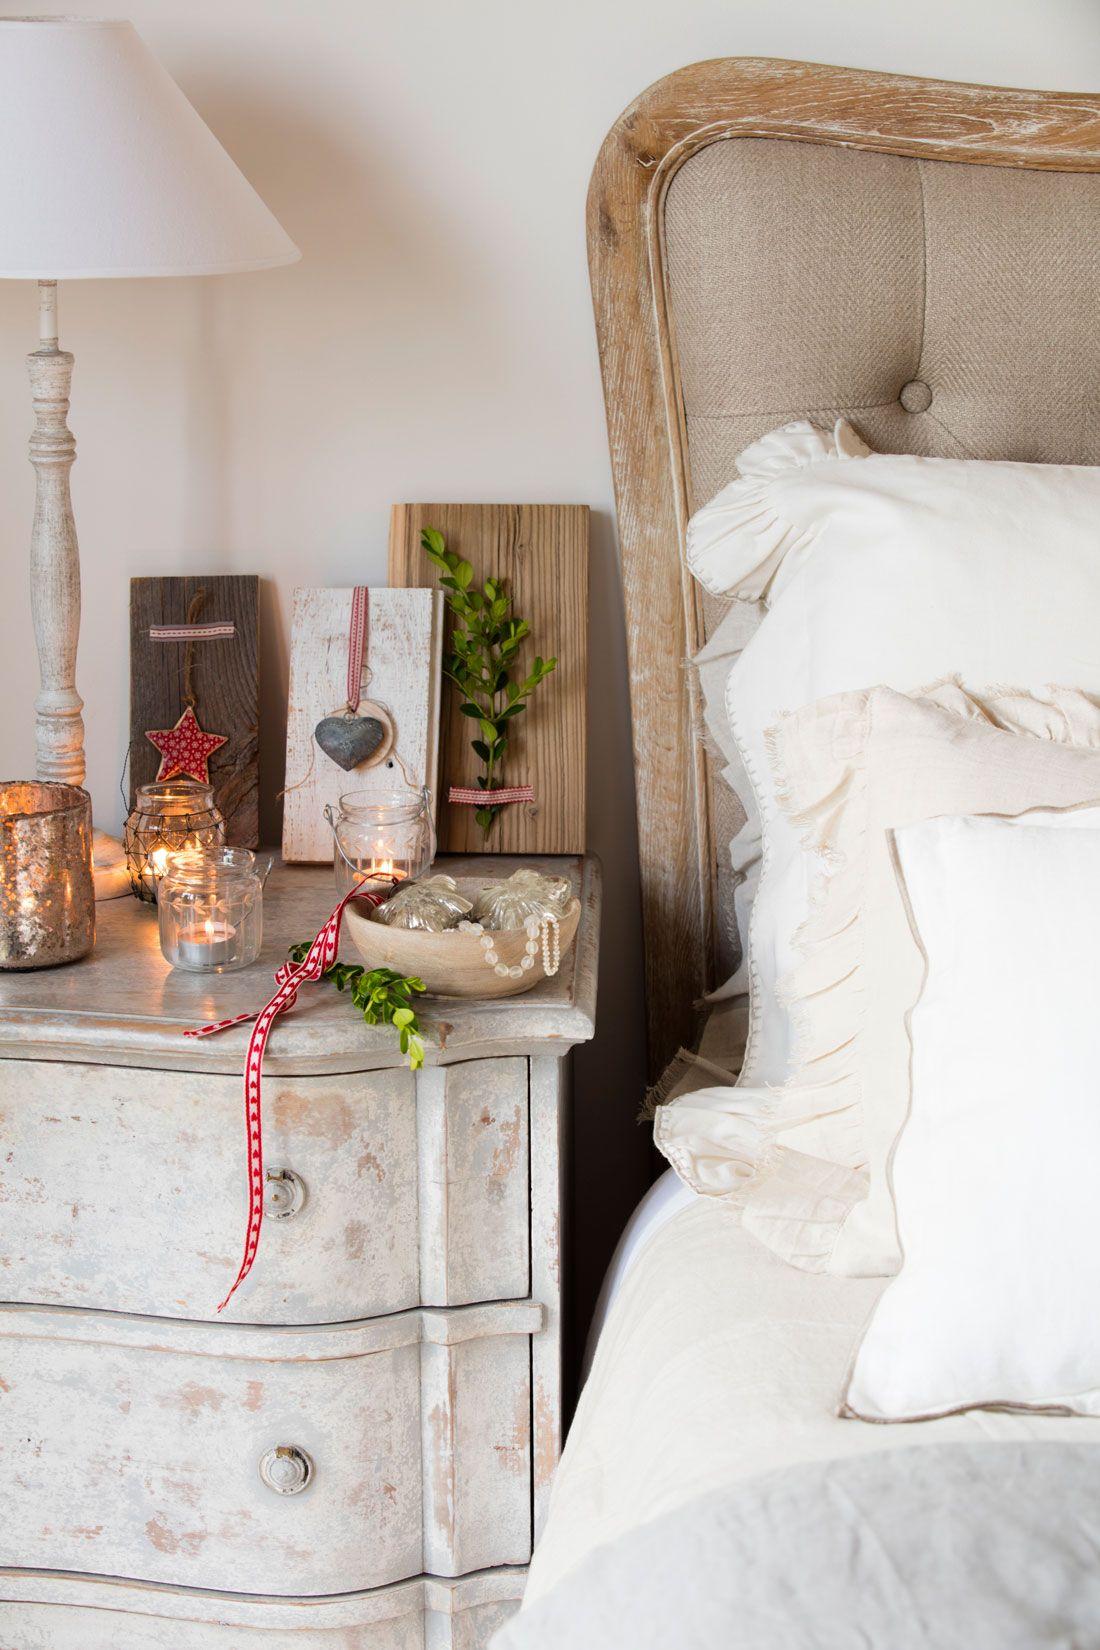 Detalle Mesita De Noche Decapada Con Velas Y Lampara De Sobremesa  # Muebles Renovar Jamundi